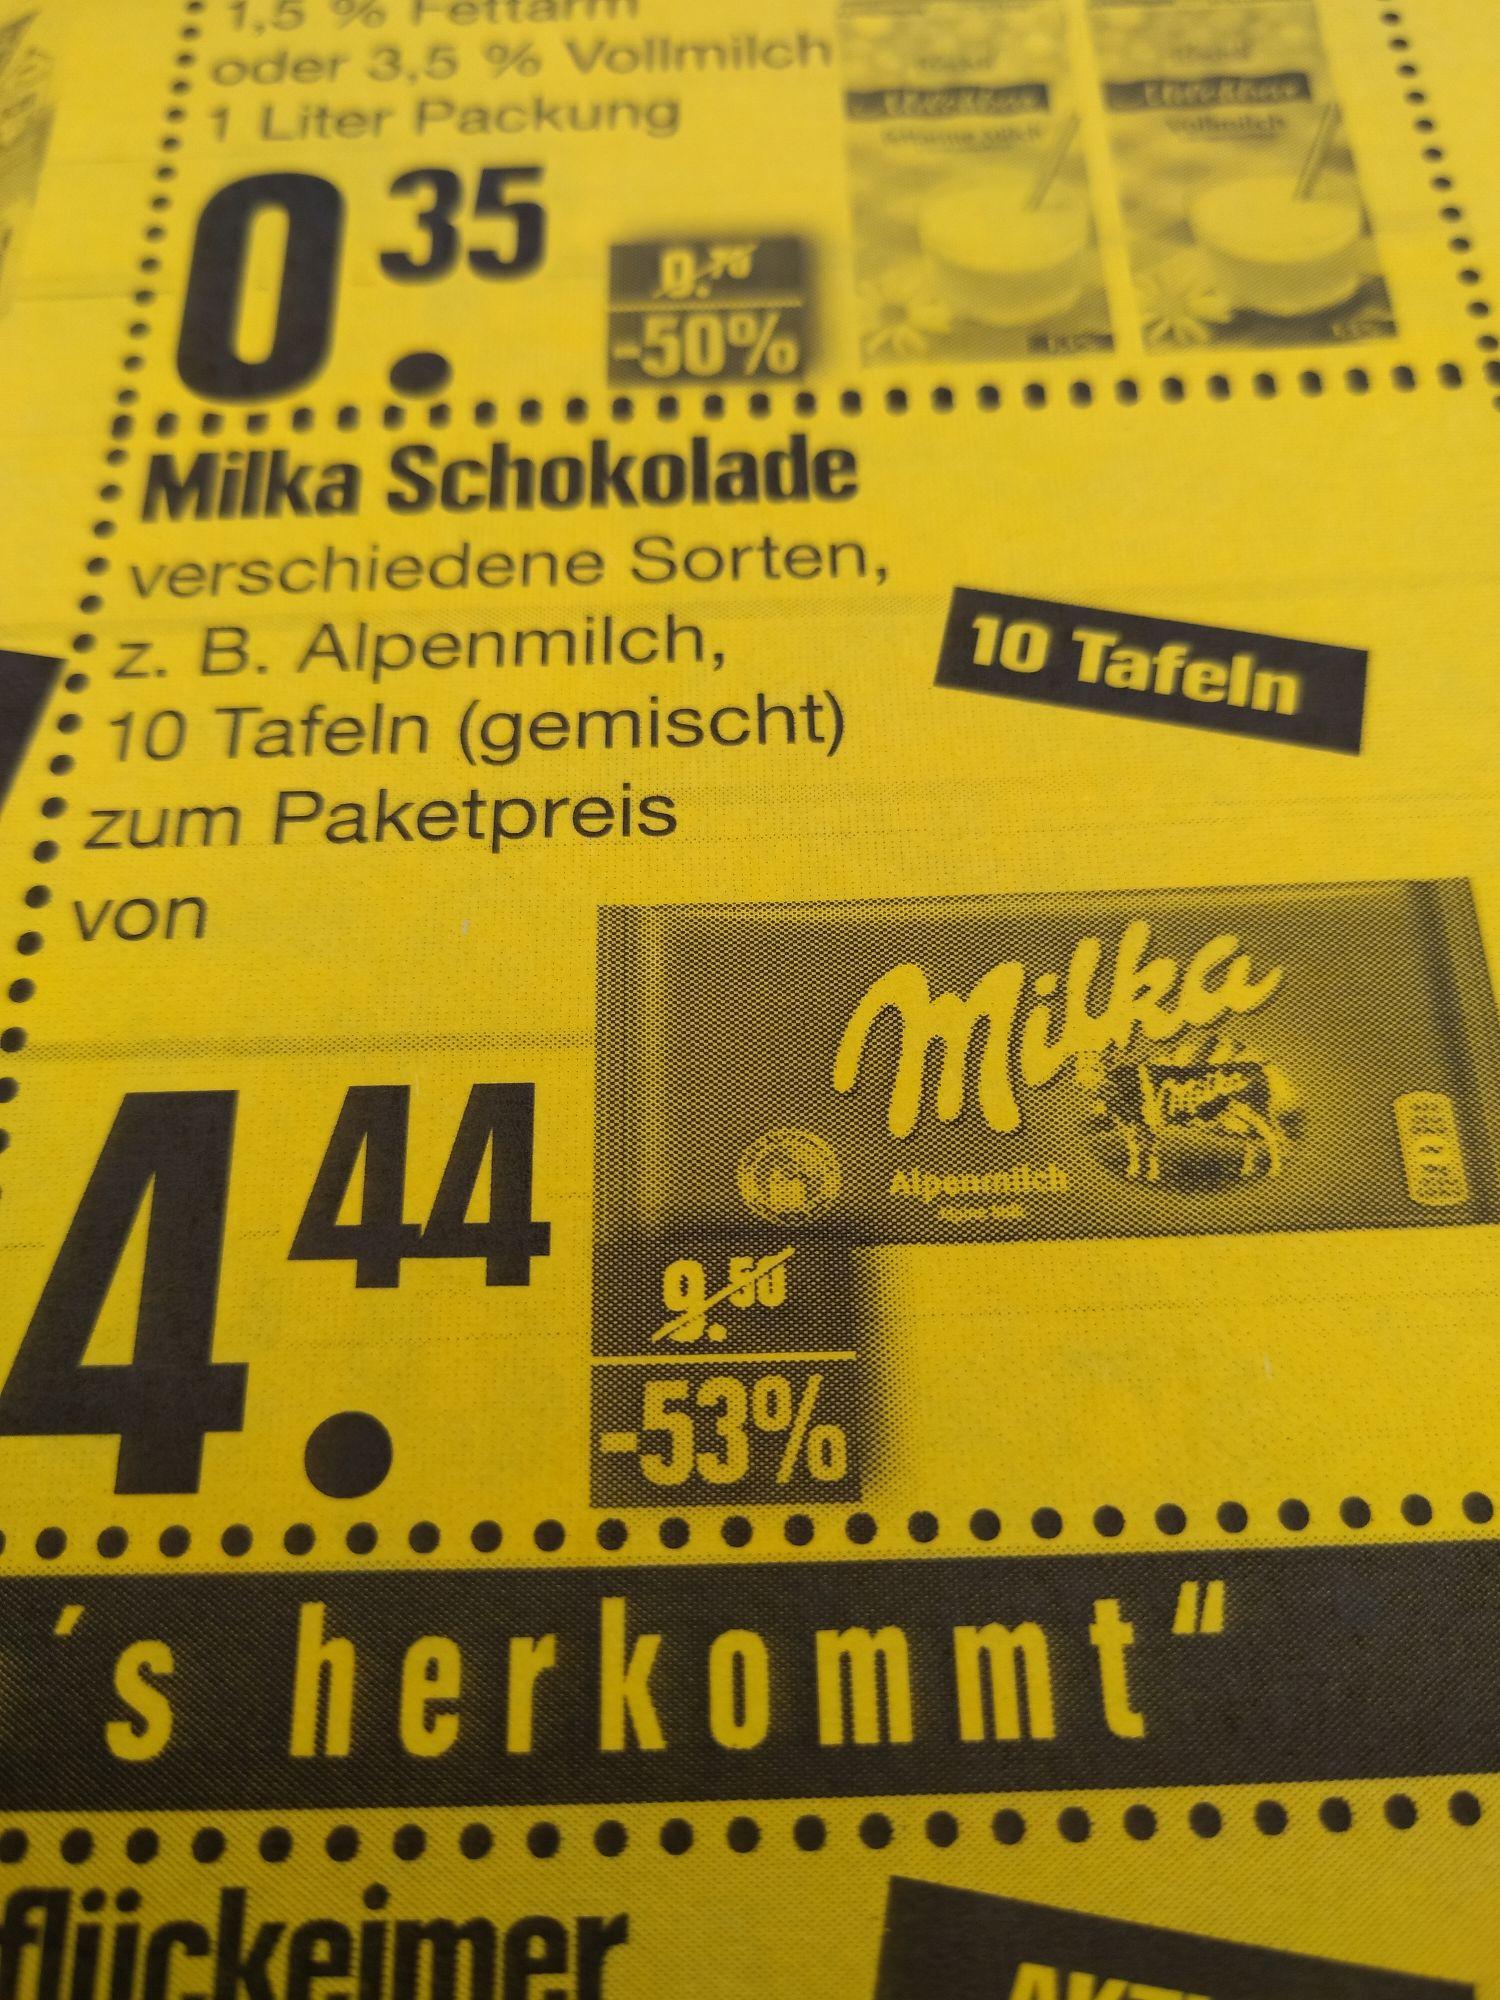 [Lokal] Wittighausen EDEKA Landwehr - 10 Tafeln Milka Schokolade